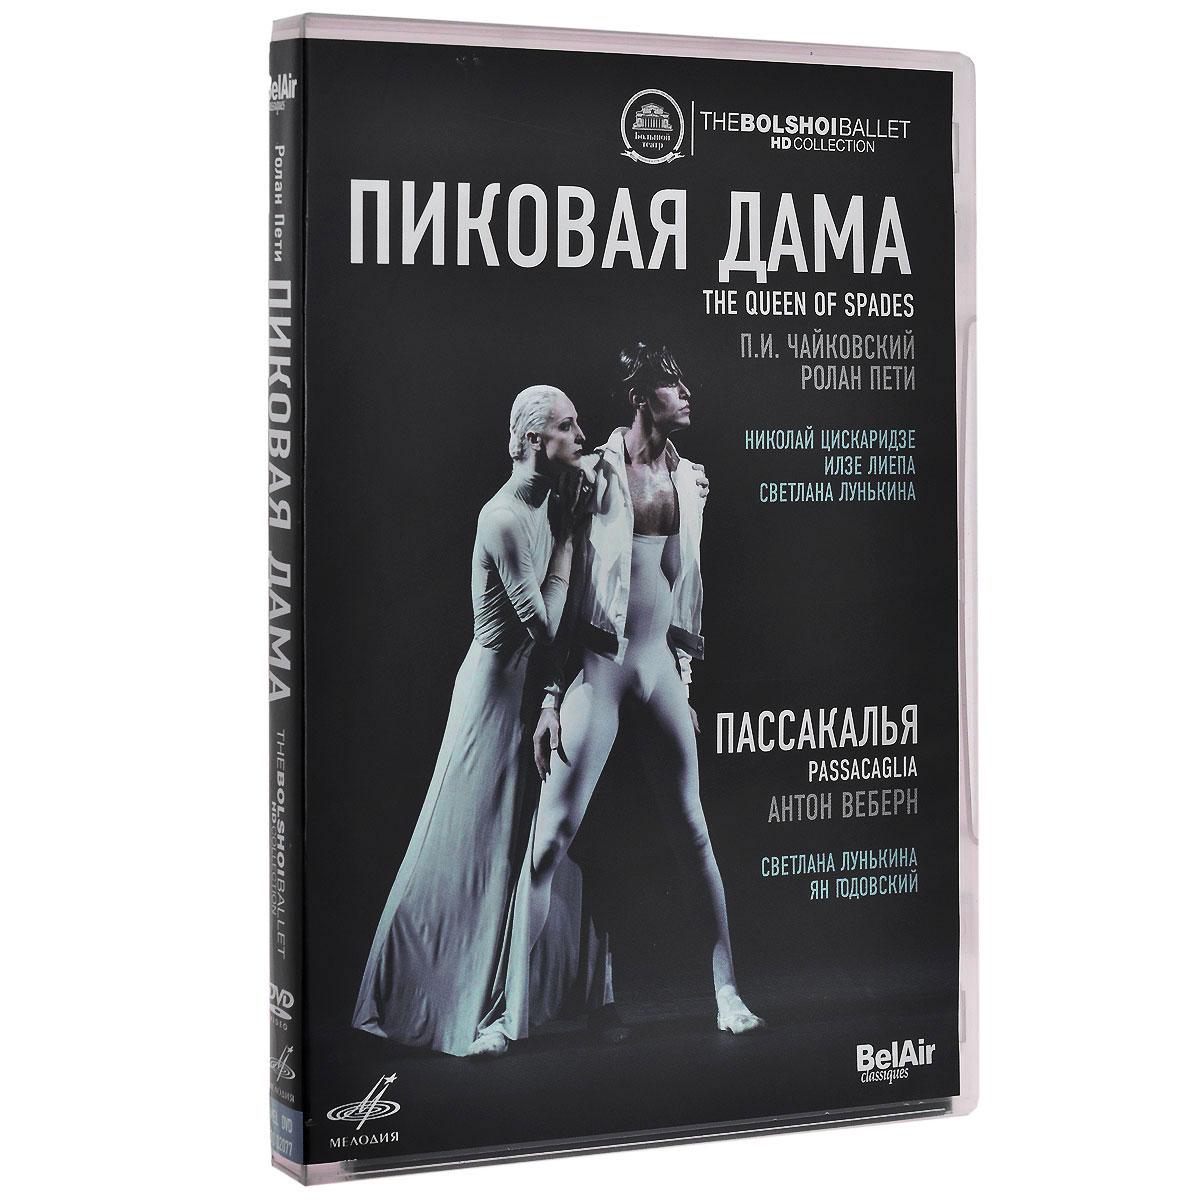 Пиковая дама / Пассакалья